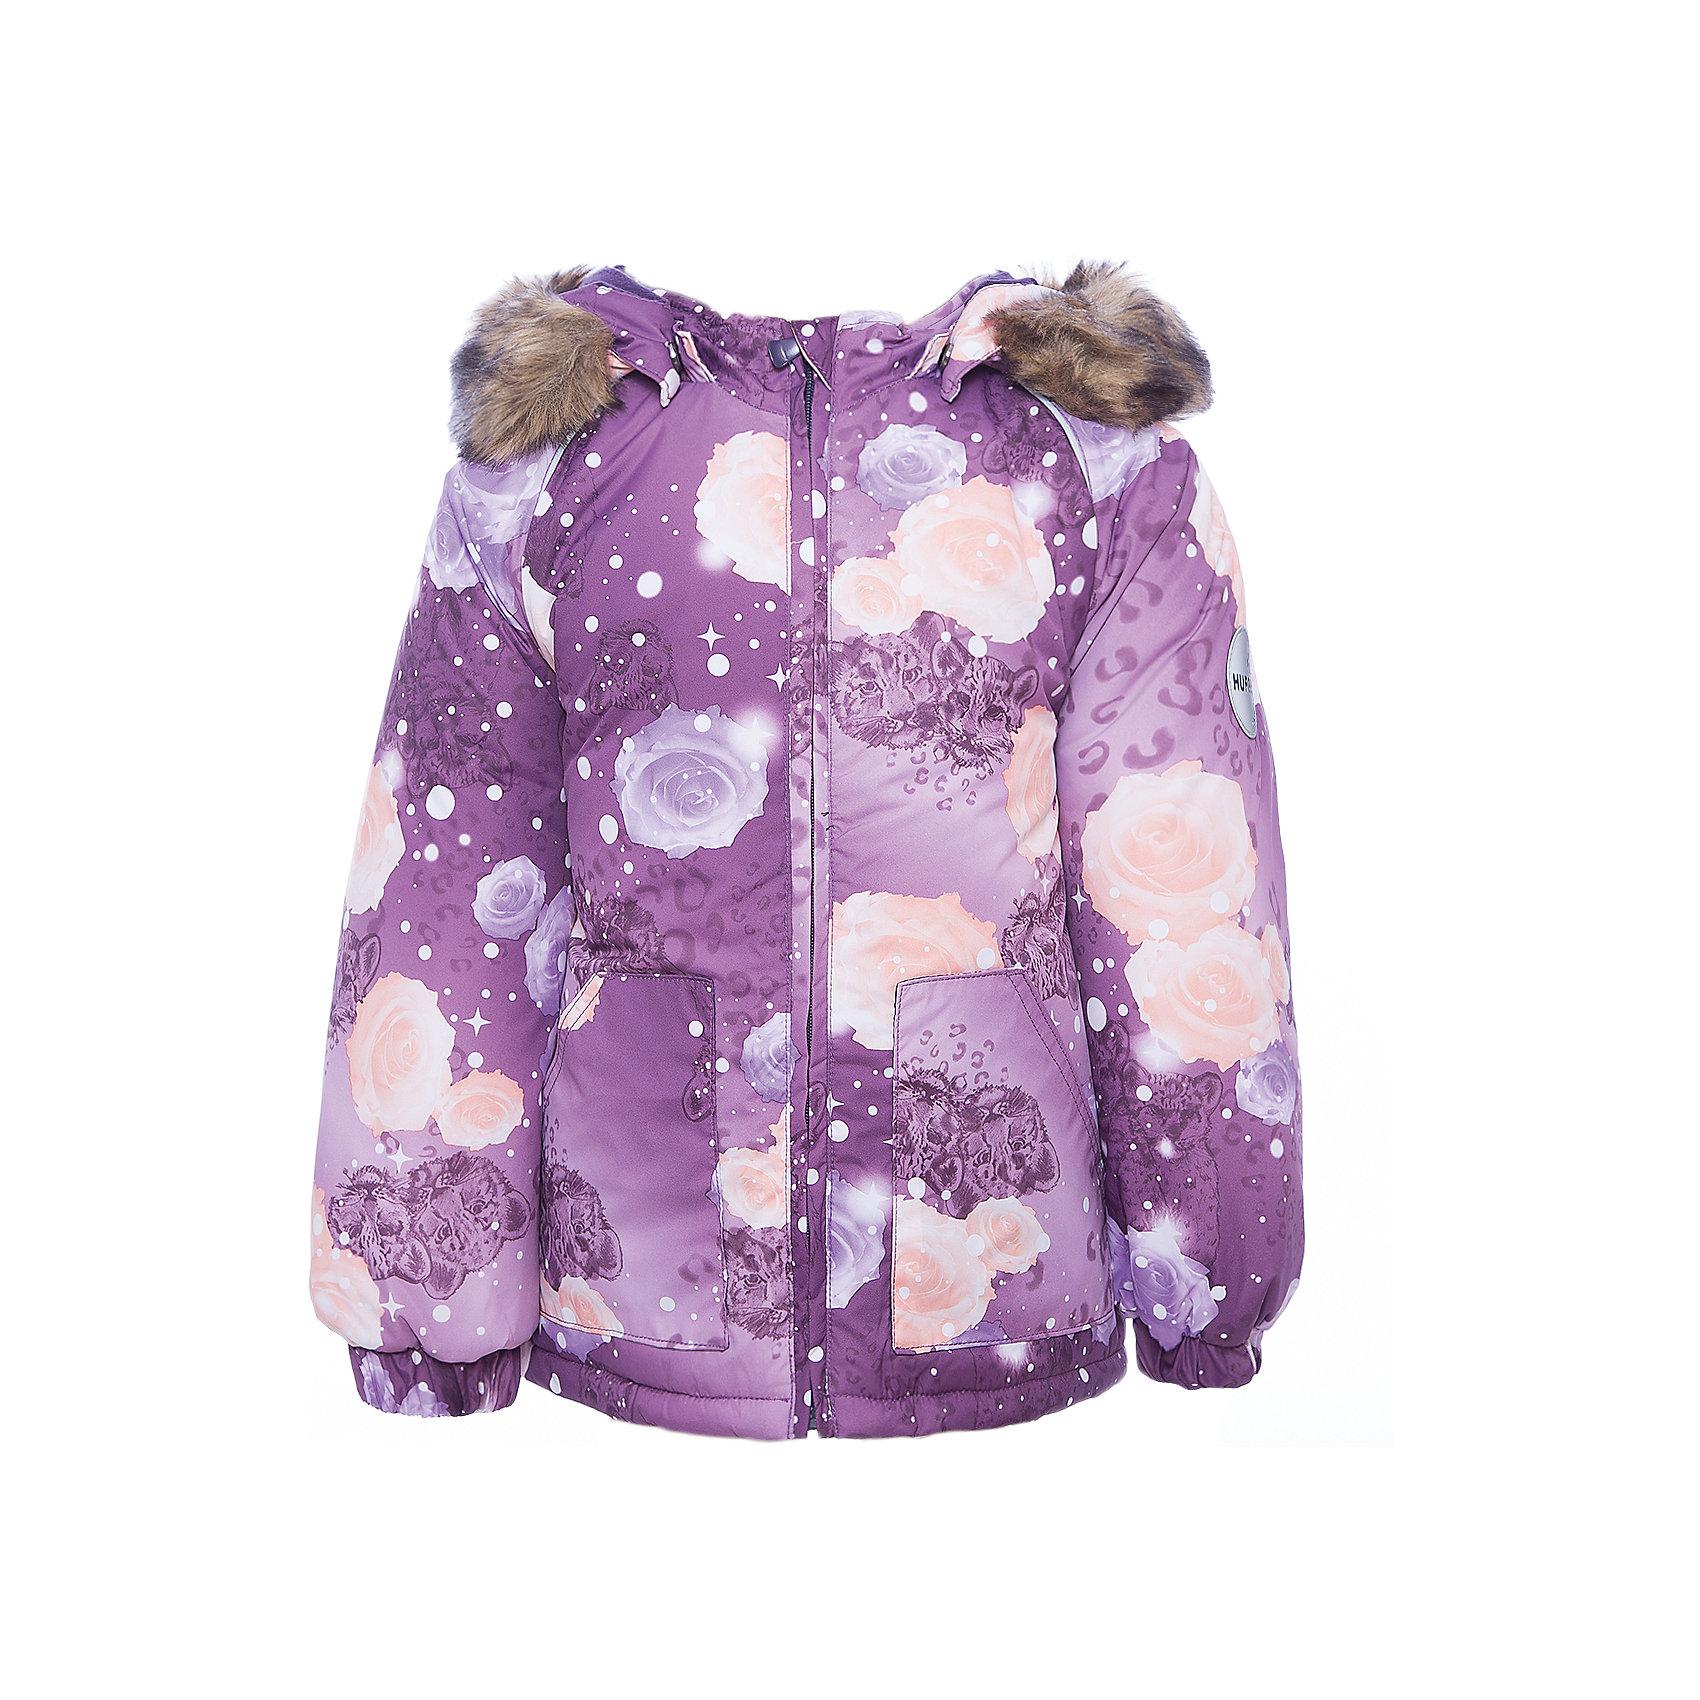 Куртка VIRGO HuppaВерхняя одежда<br>Куртка VIRGO Huppa <br>Куртка для малышей VIRGO.Водо и воздухонепроницаемость 5 000. Утеплитель 300 гр. Подкладка фланель 100% хлопок. Отстегивающийся капюшон с мехом. Манжеты рукавов на резинке. Имеются светоотражательные детали.<br>Состав:<br>100% полиэстер<br><br>Ширина мм: 356<br>Глубина мм: 10<br>Высота мм: 245<br>Вес г: 519<br>Цвет: лиловый<br>Возраст от месяцев: 36<br>Возраст до месяцев: 48<br>Пол: Мужской<br>Возраст: Детский<br>Размер: 104,80,86,92,98<br>SKU: 7039926